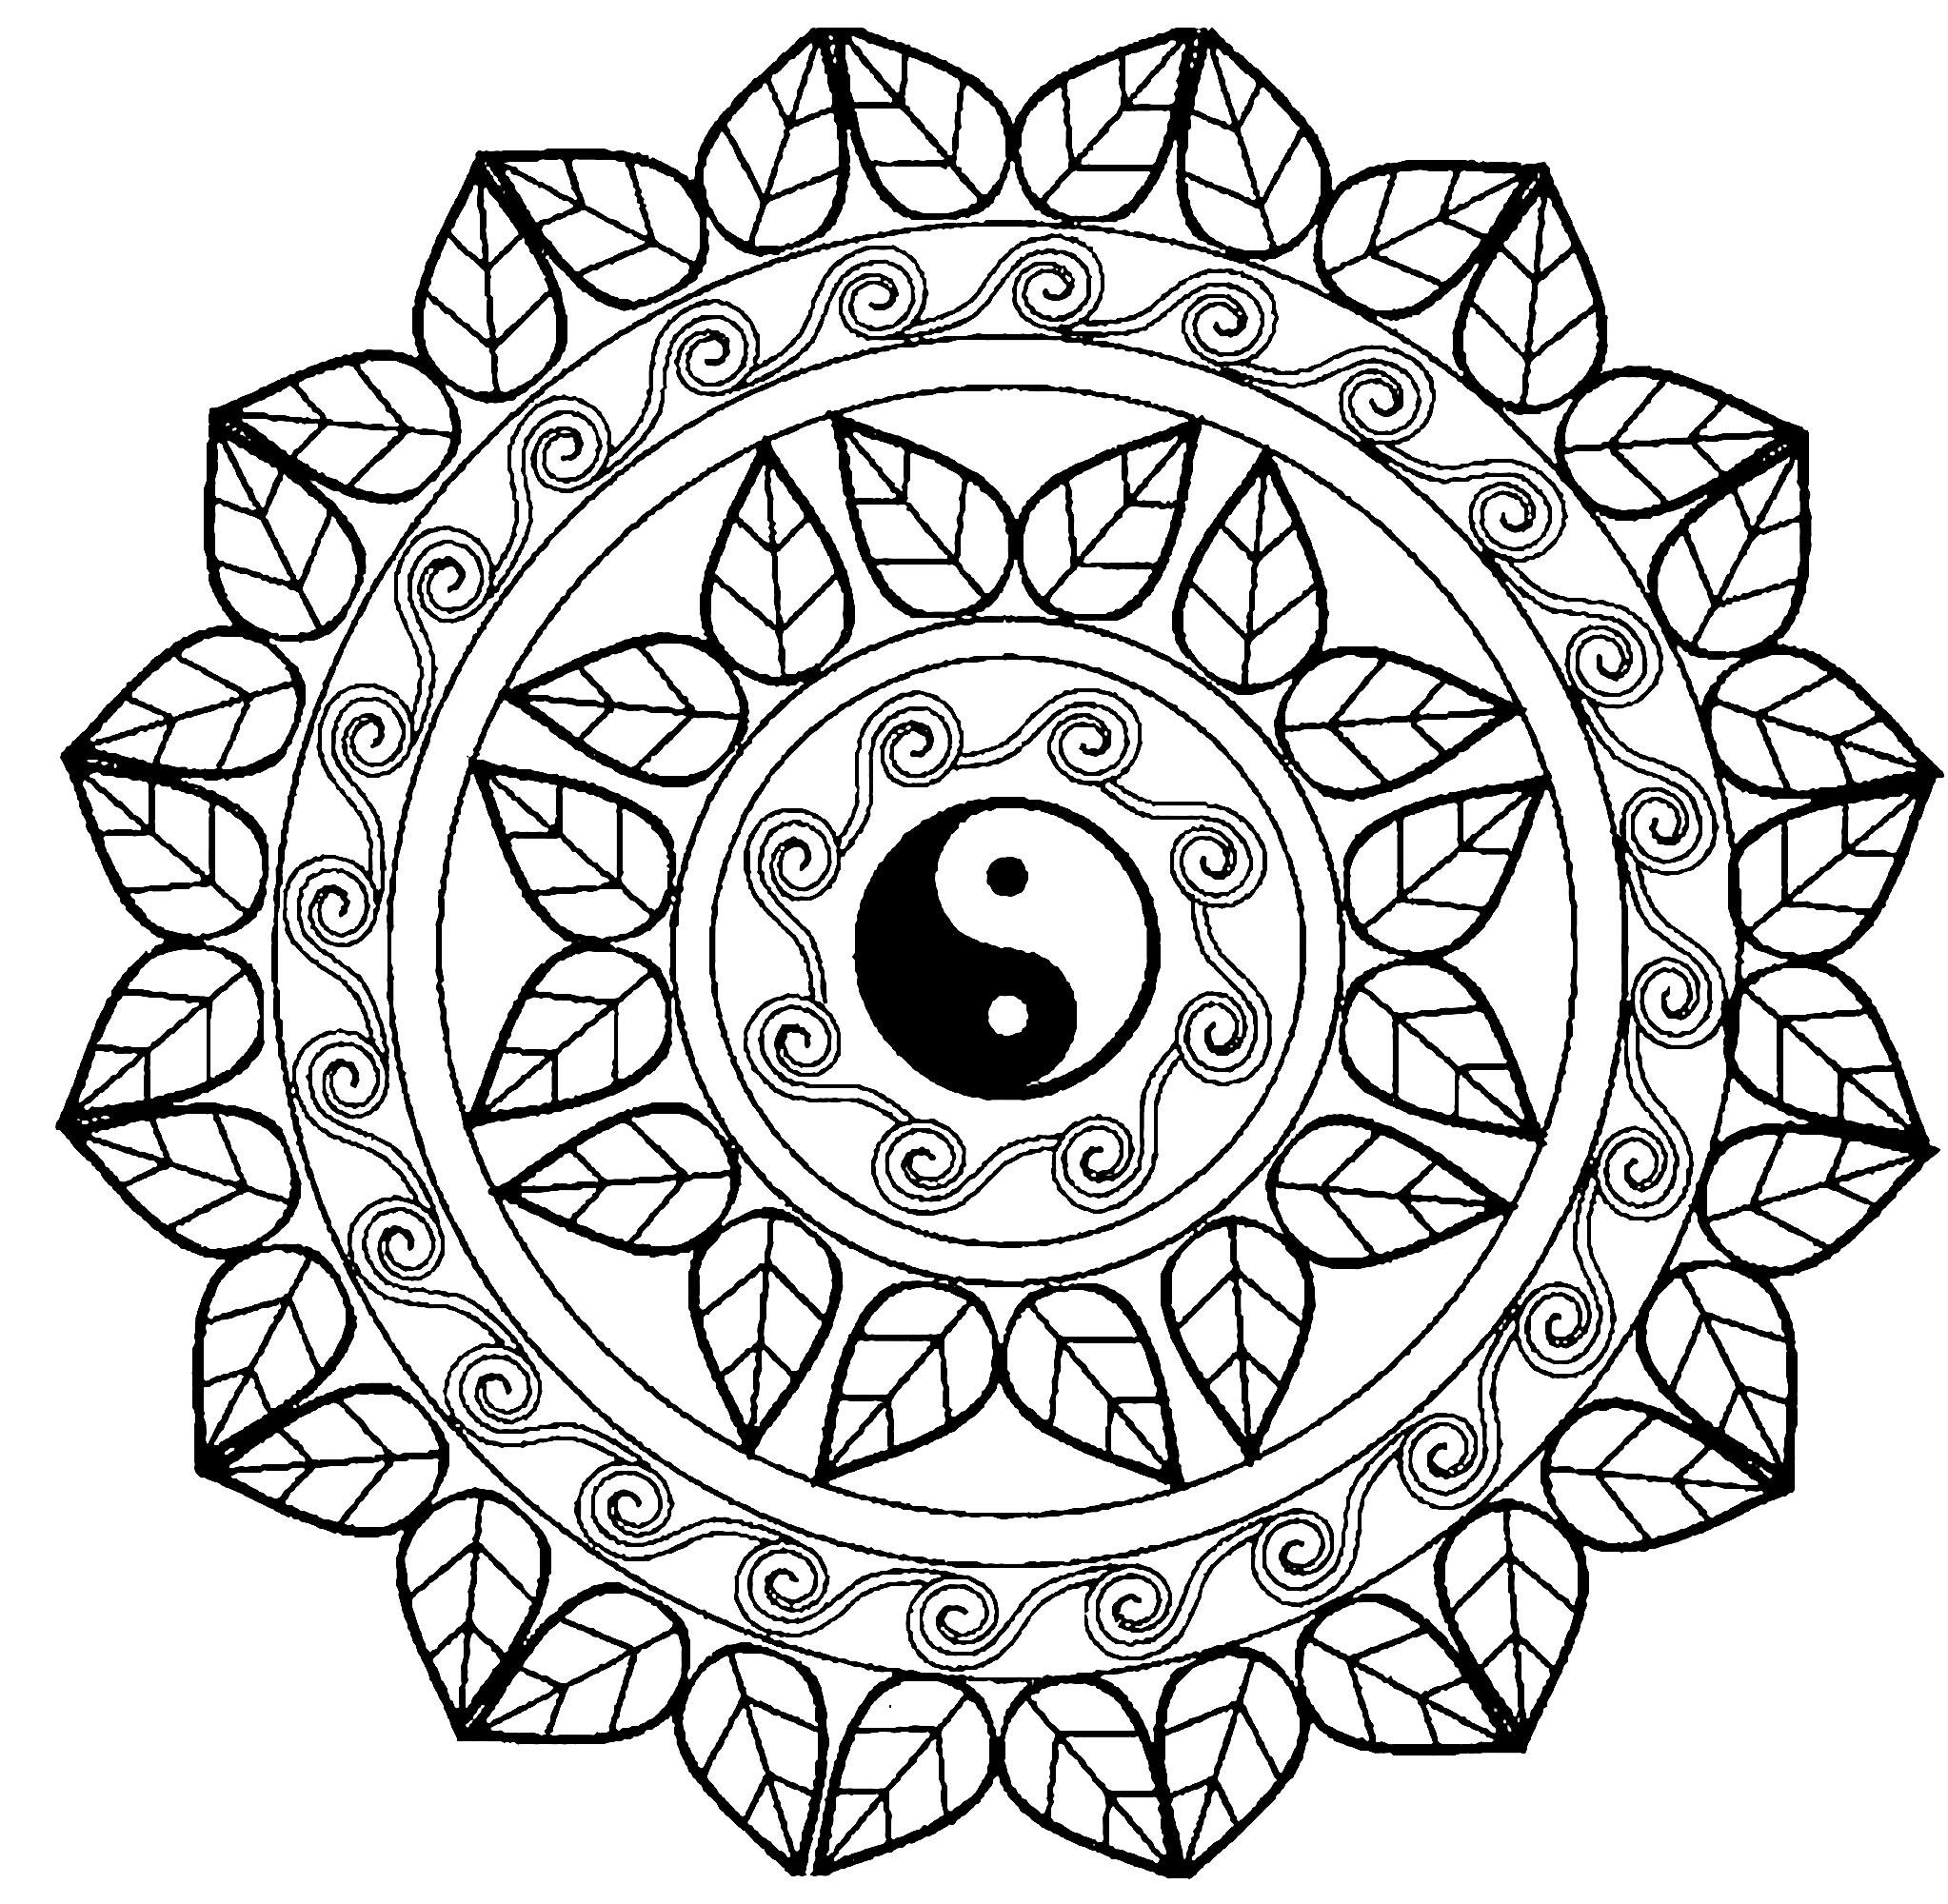 Mandala Yin Yang Mandalas Coloring Pages For Adults Justcolor